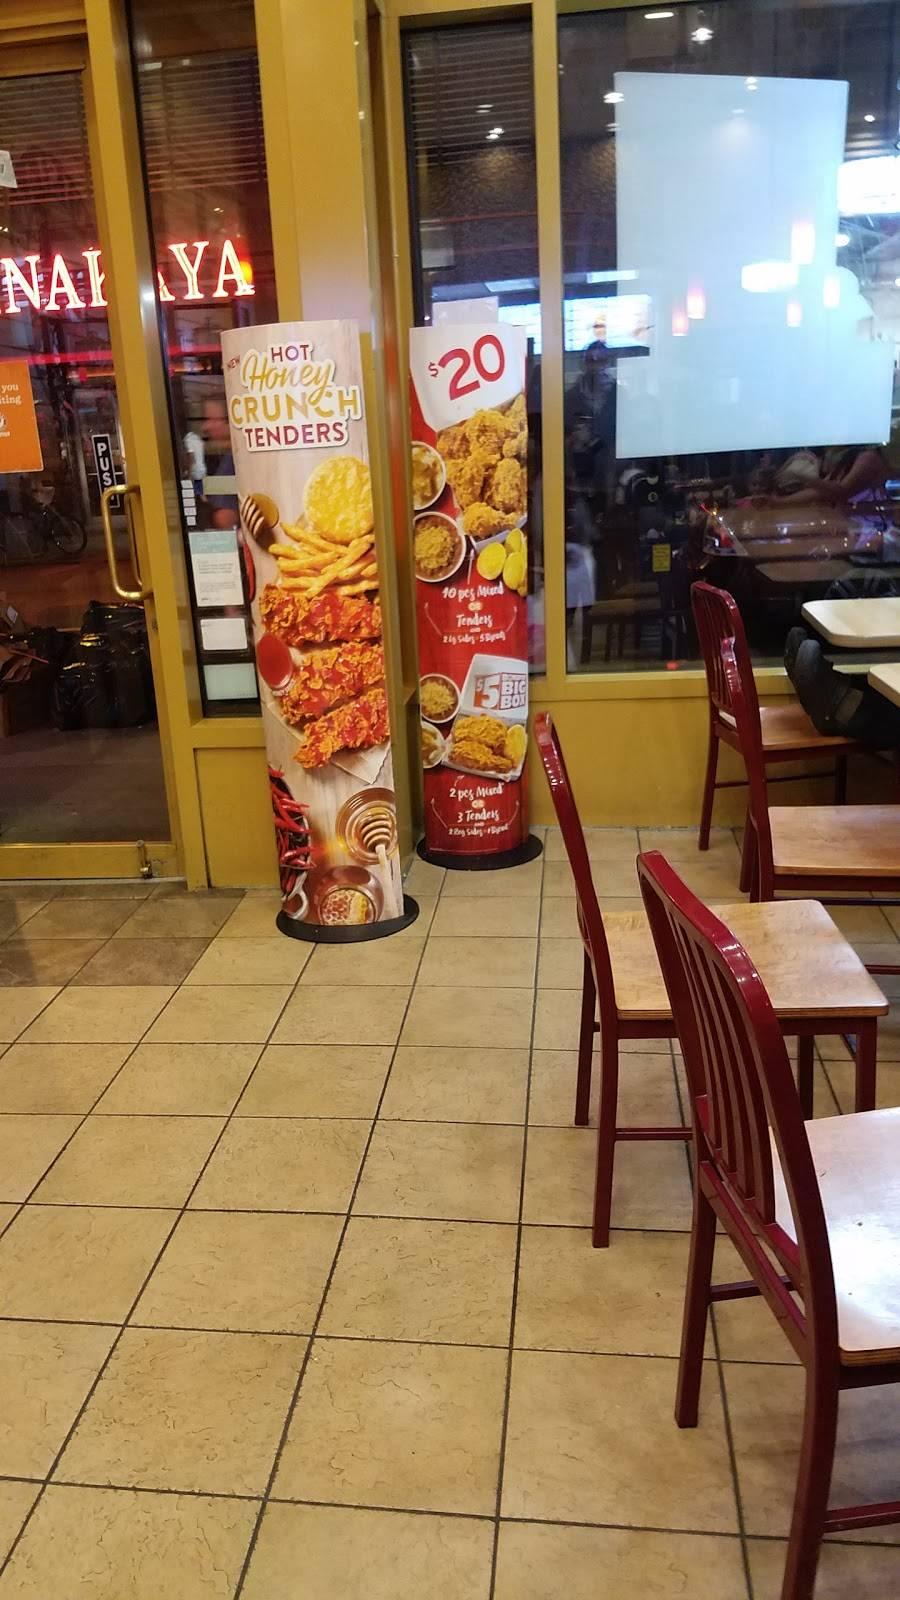 Popeyes Louisiana Kitchen | restaurant | 240 W 40th St, New York, NY 10018, USA | 2127647071 OR +1 212-764-7071